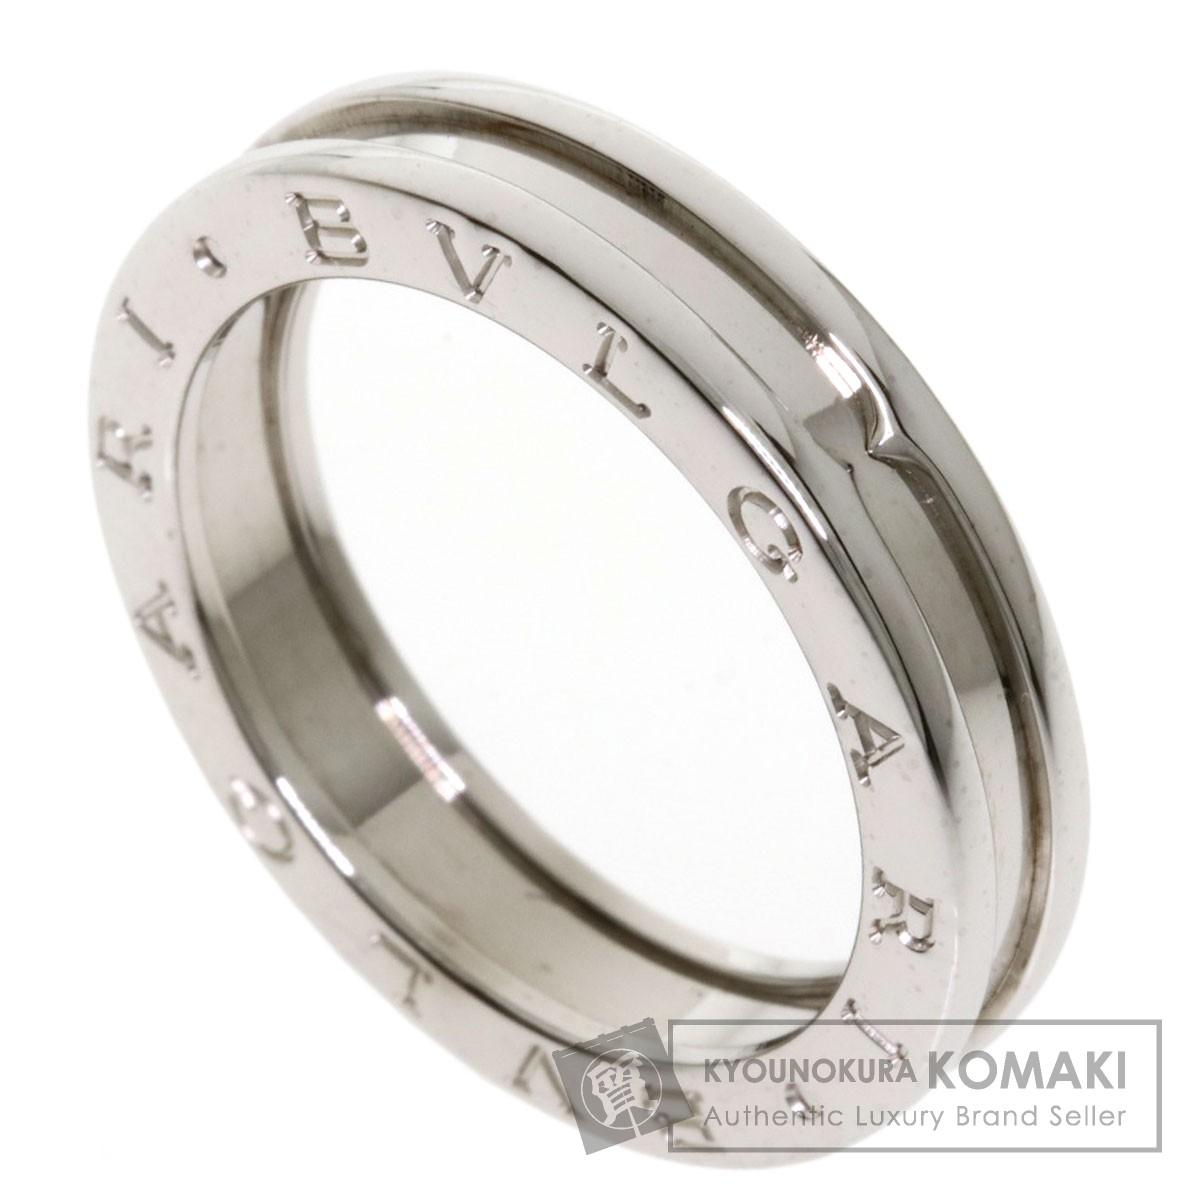 ブルガリ B-zero1 XS #60 リング・指輪 K18ホワイトゴールド メンズ 【中古】【BVLGARI】